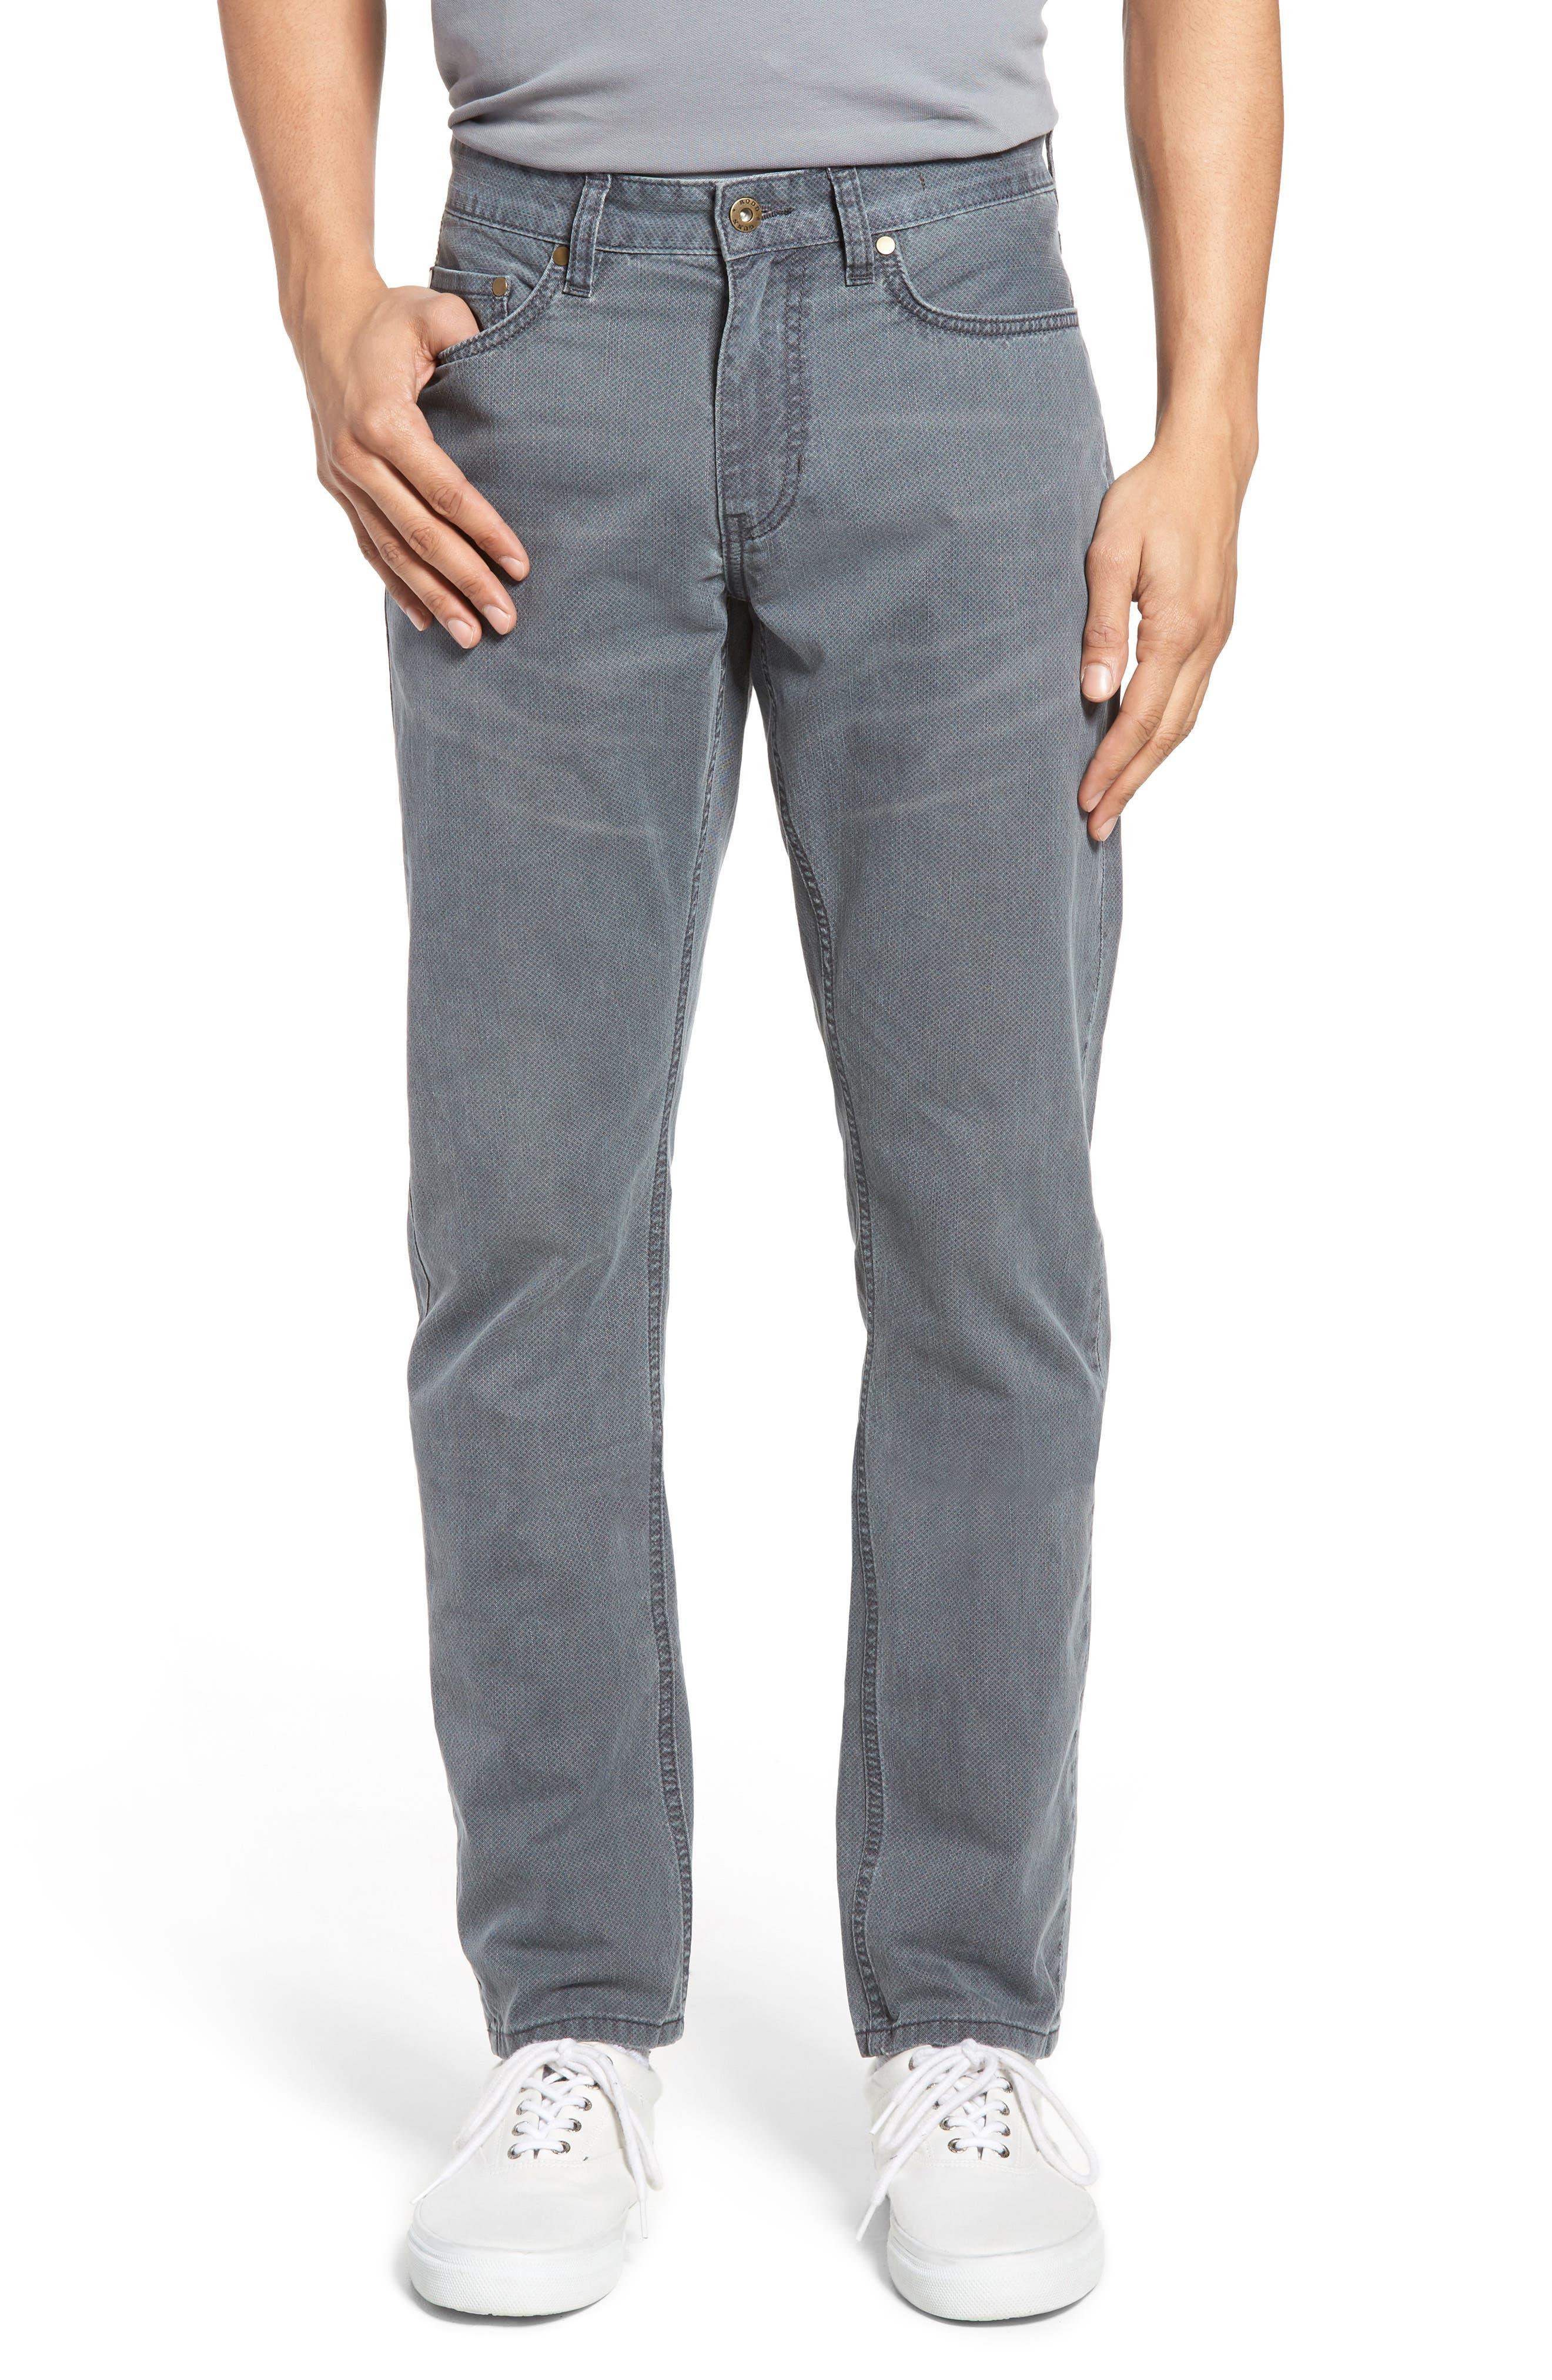 Landsborough Straight Leg Jeans,                         Main,                         color, 069